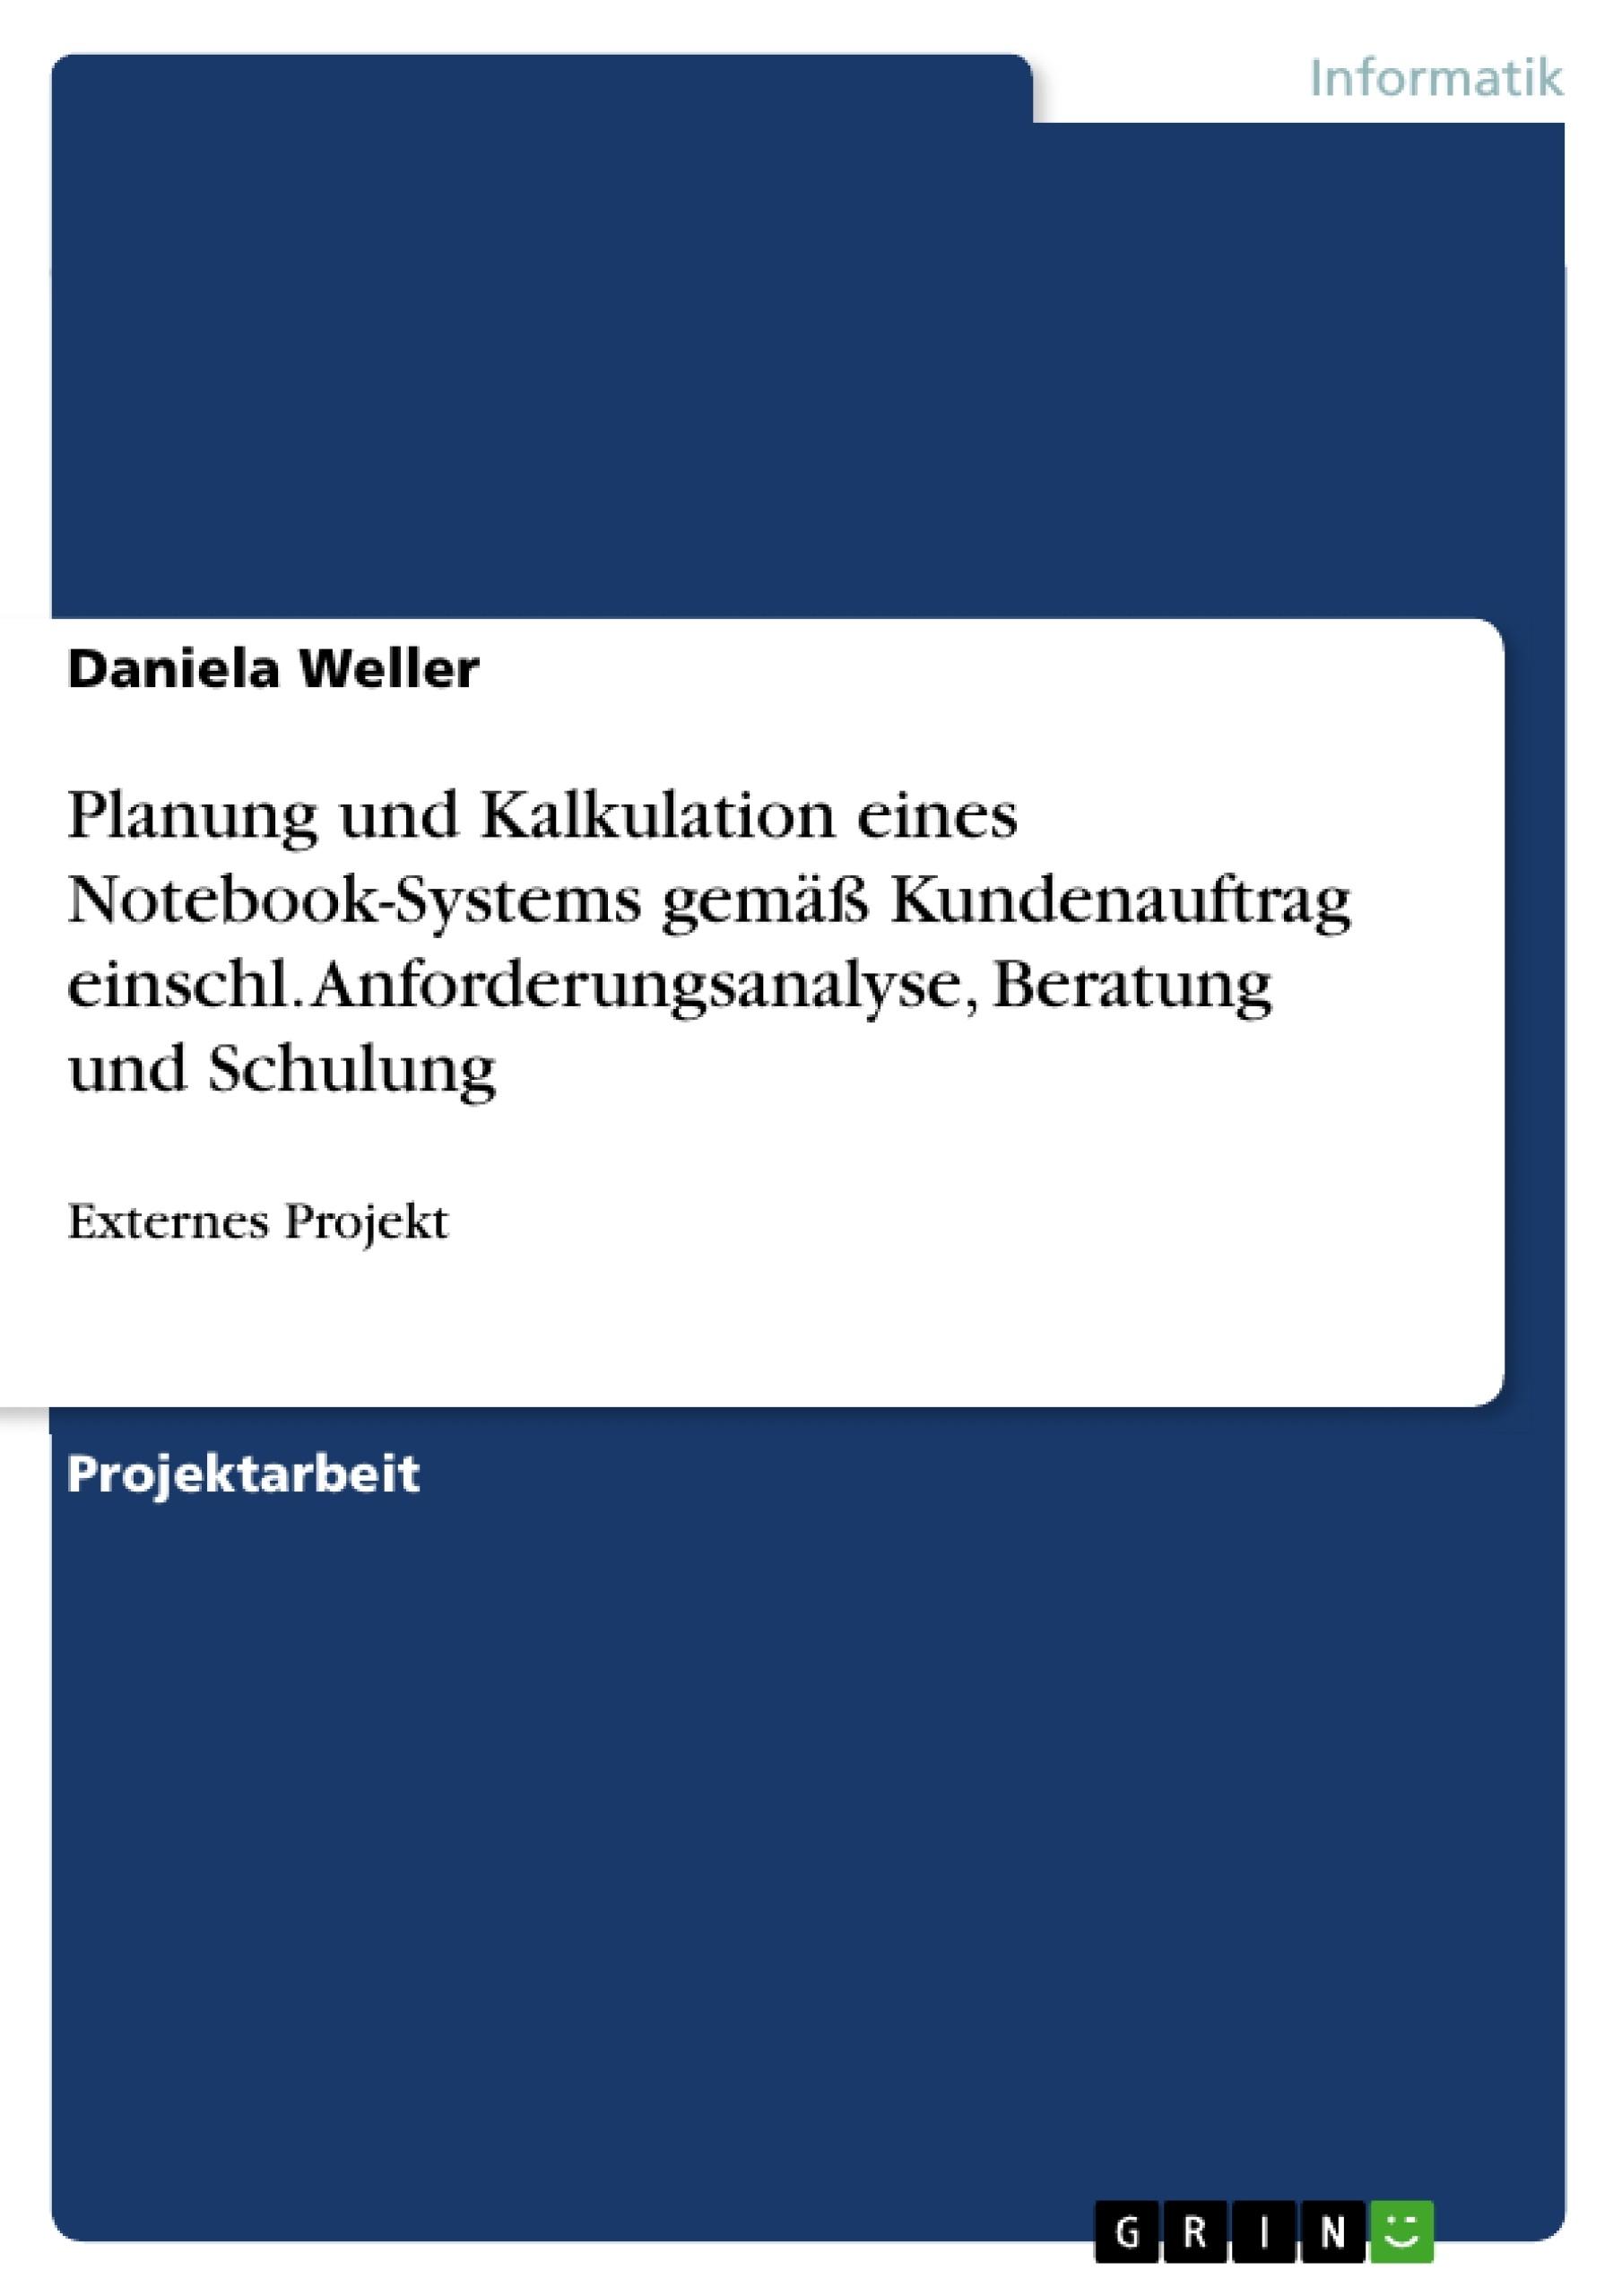 Titel: Planung und Kalkulation eines Notebook-Systems gemäß Kundenauftrag einschl. Anforderungsanalyse, Beratung und Schulung